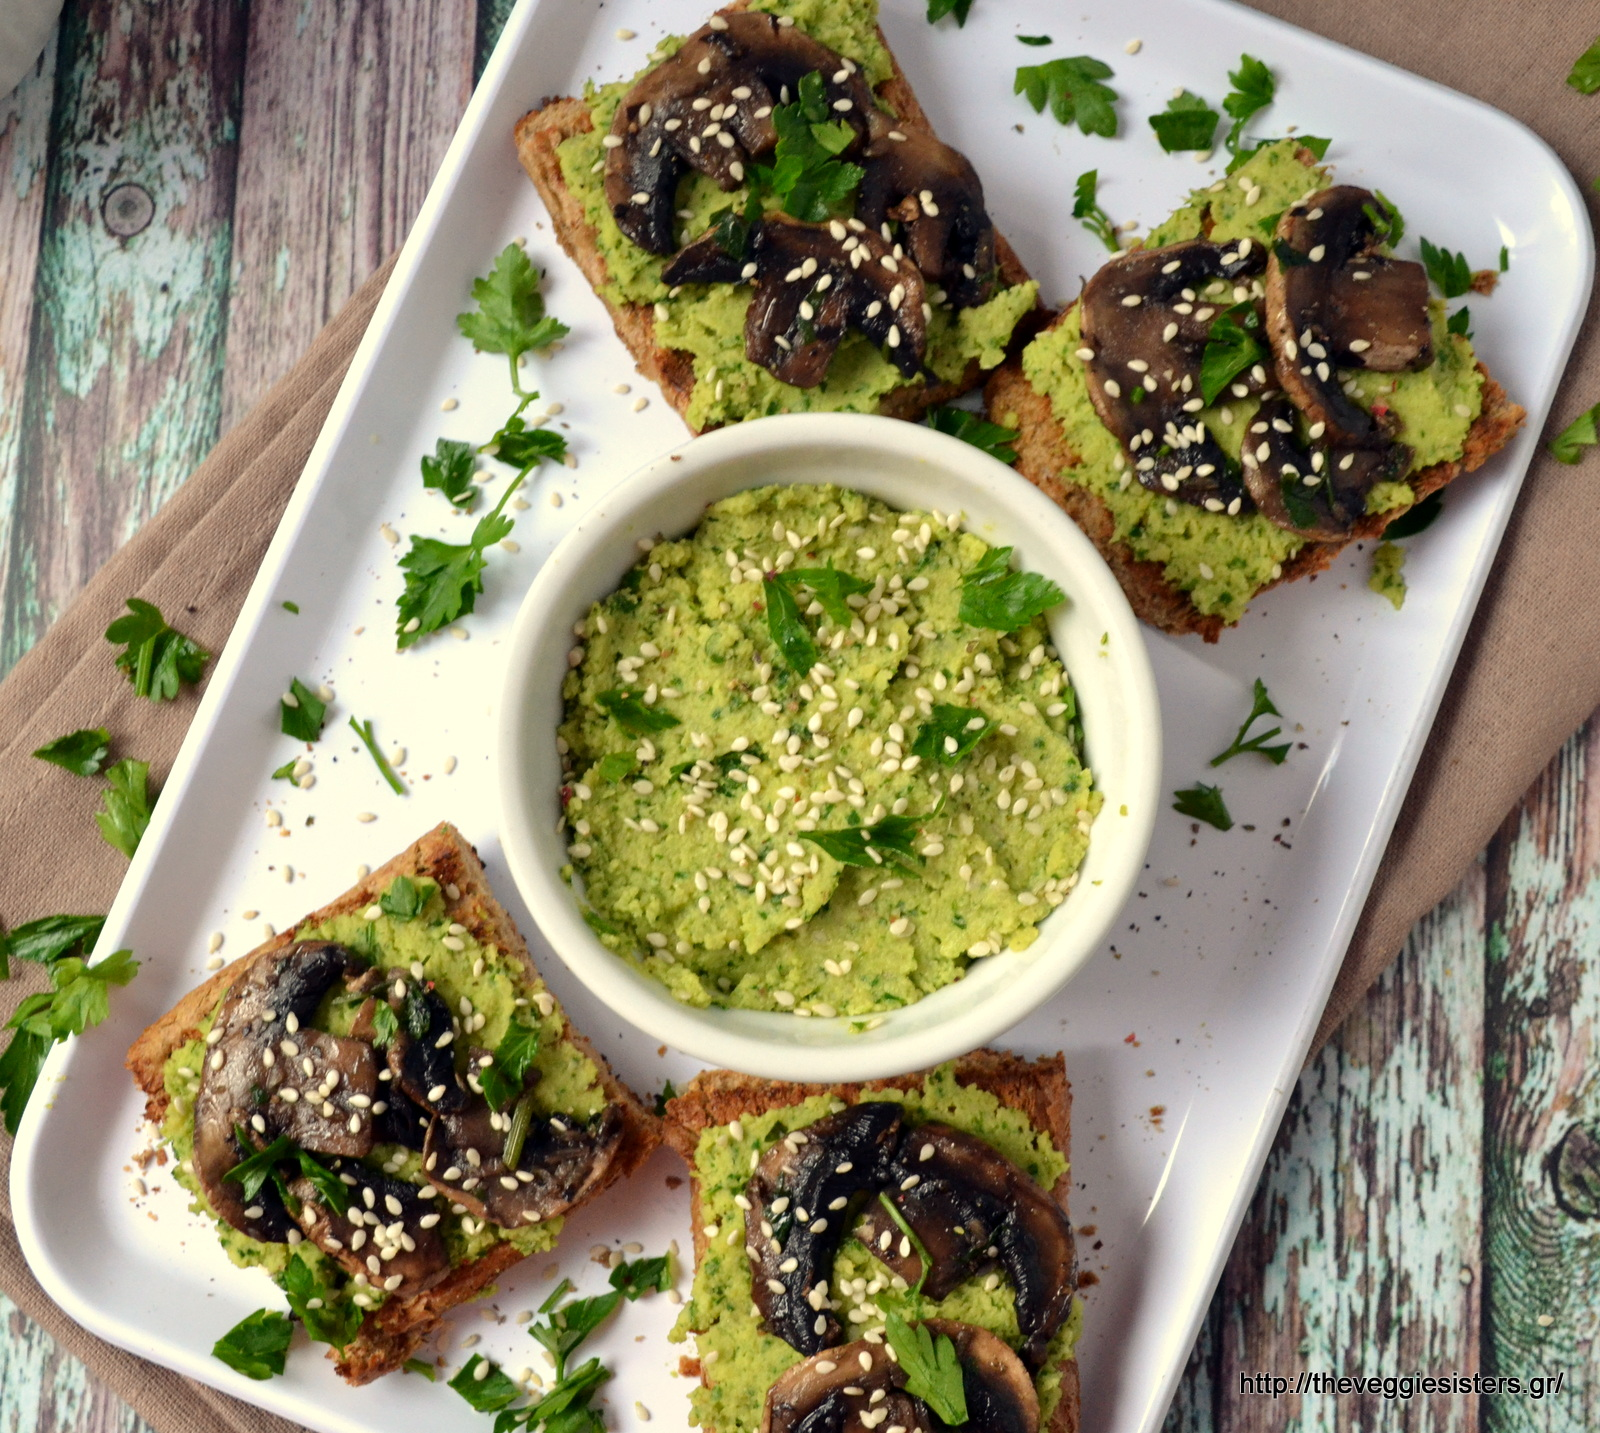 Μπρουσκέτες με χούμους πέστο κ μανιτάρια - Mushroom pesto hummus bruschette